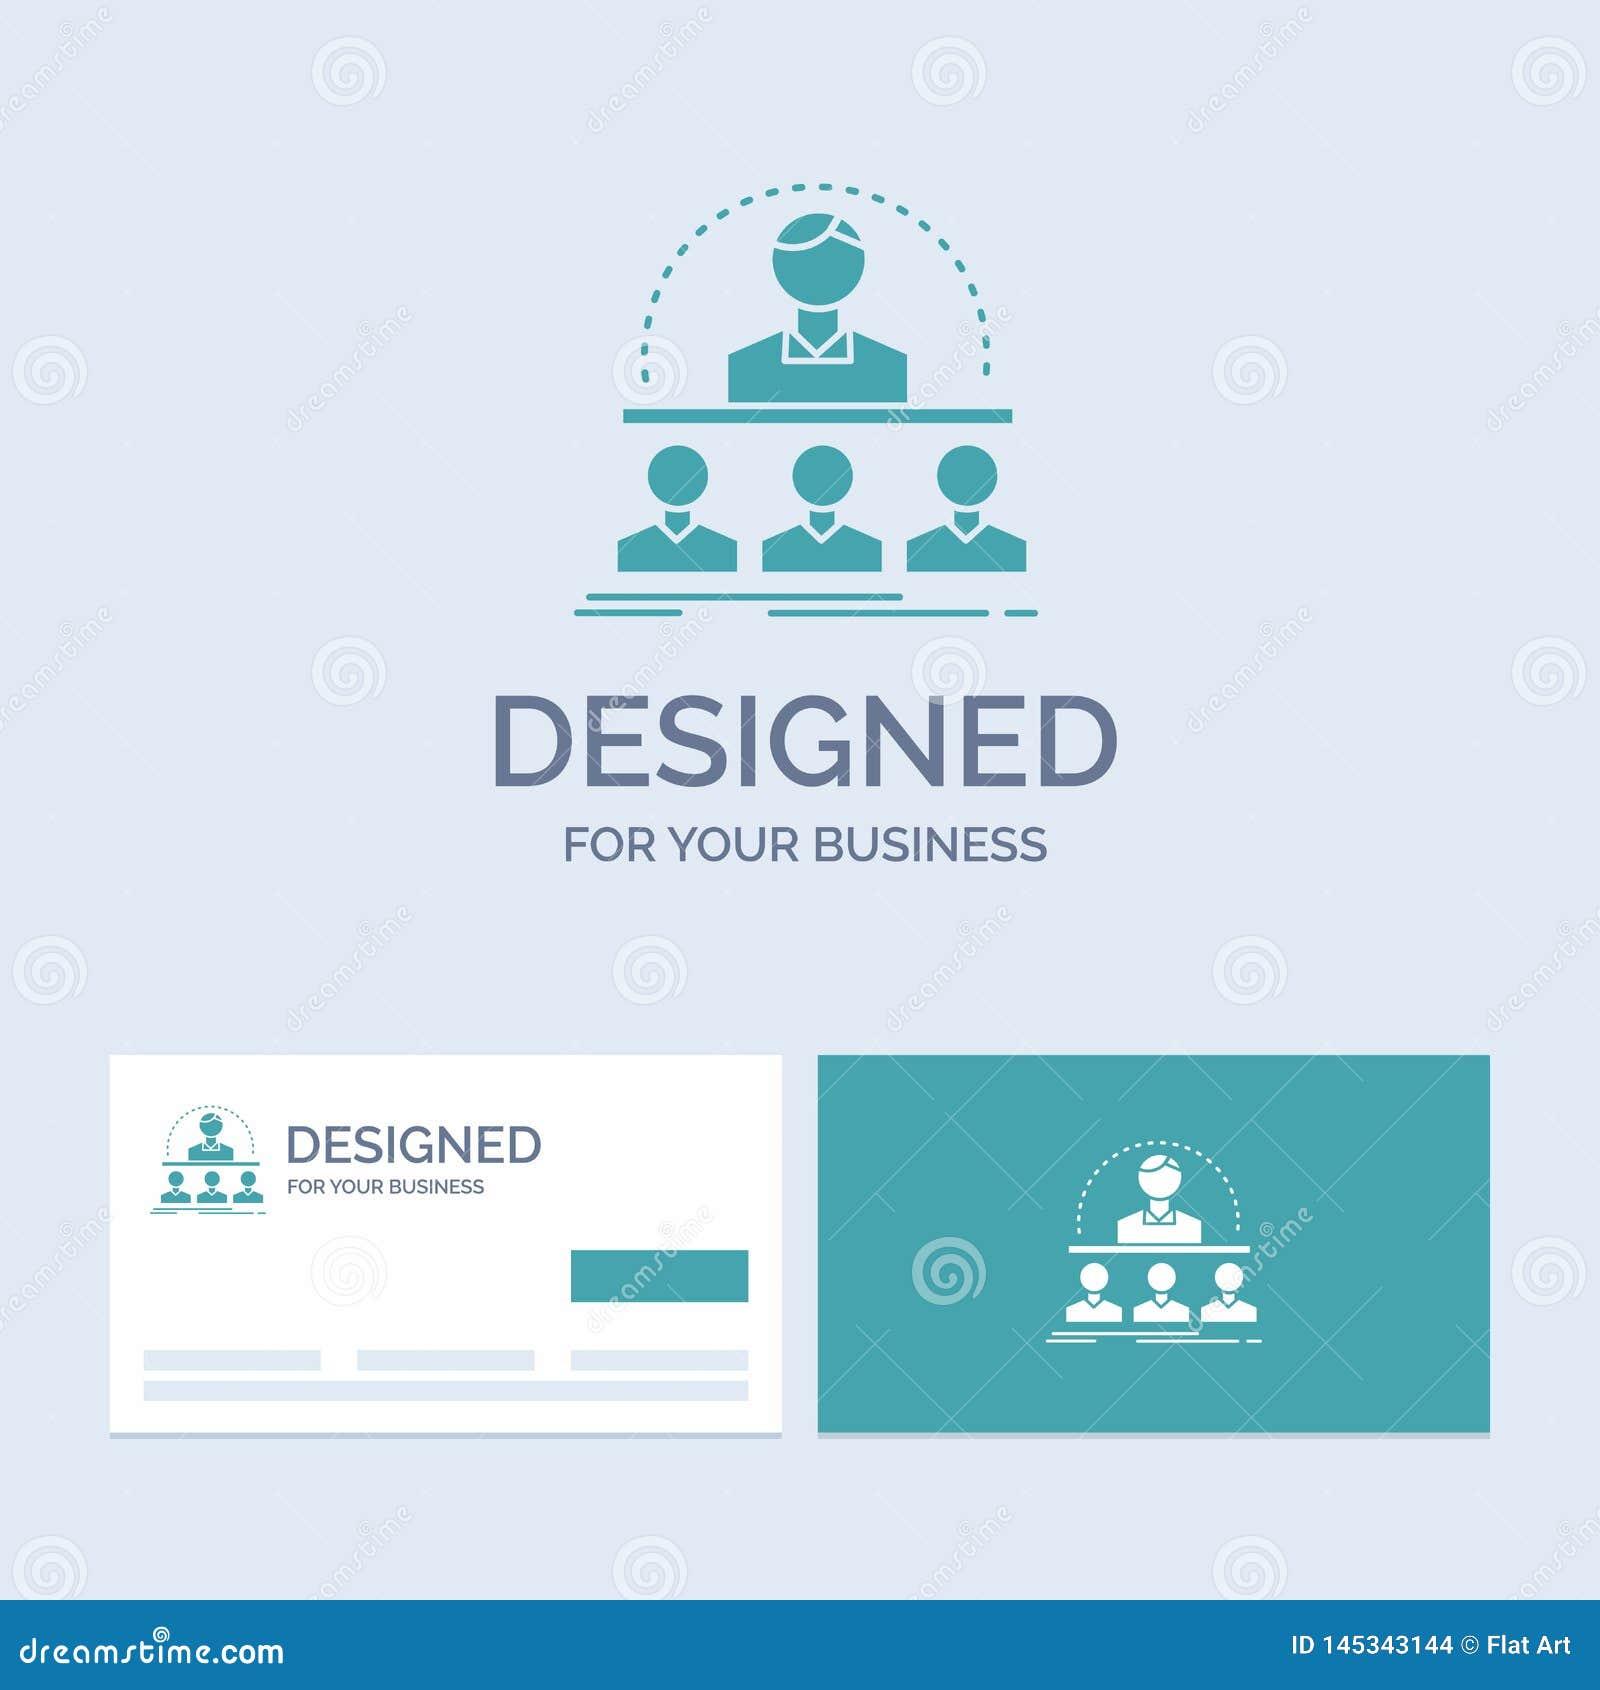 Zaken, bus, cursus, instructeur, mentorzaken Logo Glyph Icon Symbol voor uw zaken Turkooise Visitekaartjes met Merk